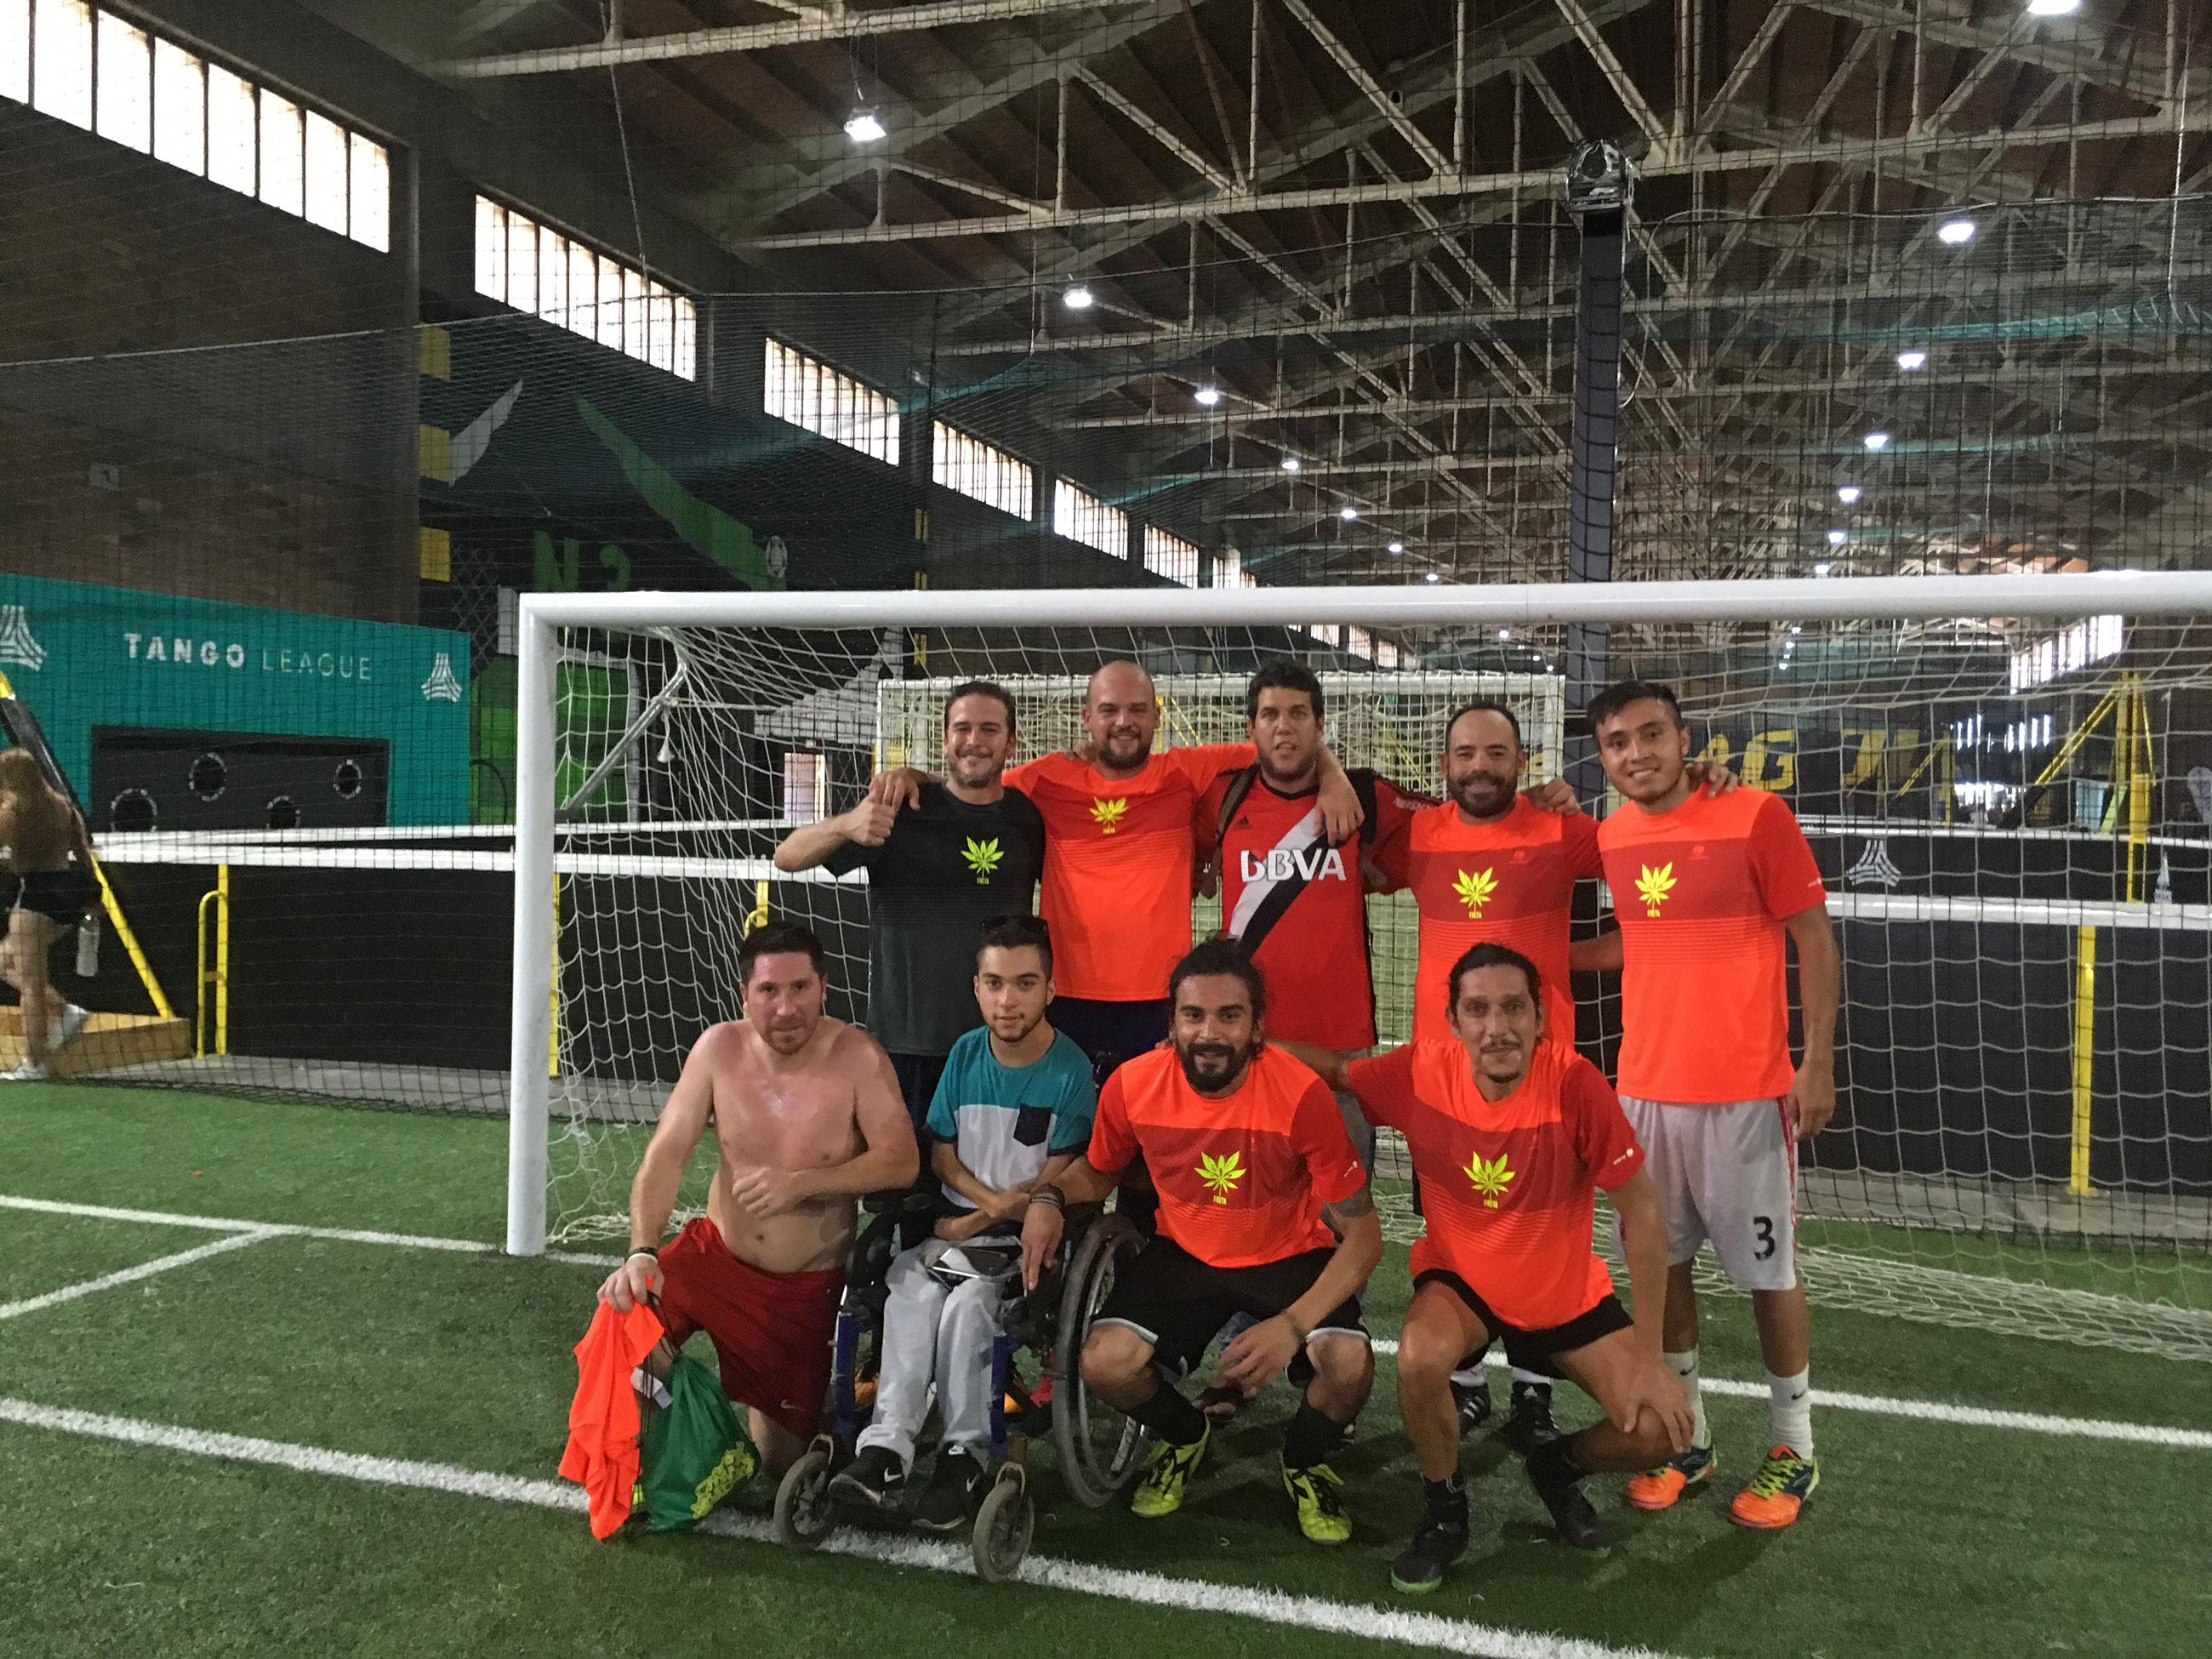 Op de foto staat het voetbalteam van de Spaanse Freya Cannabis Club. Er zijn zeven mannen in oranje voetbalshirts te zien, die op een overdekt voetbalveld voor het doel staan.